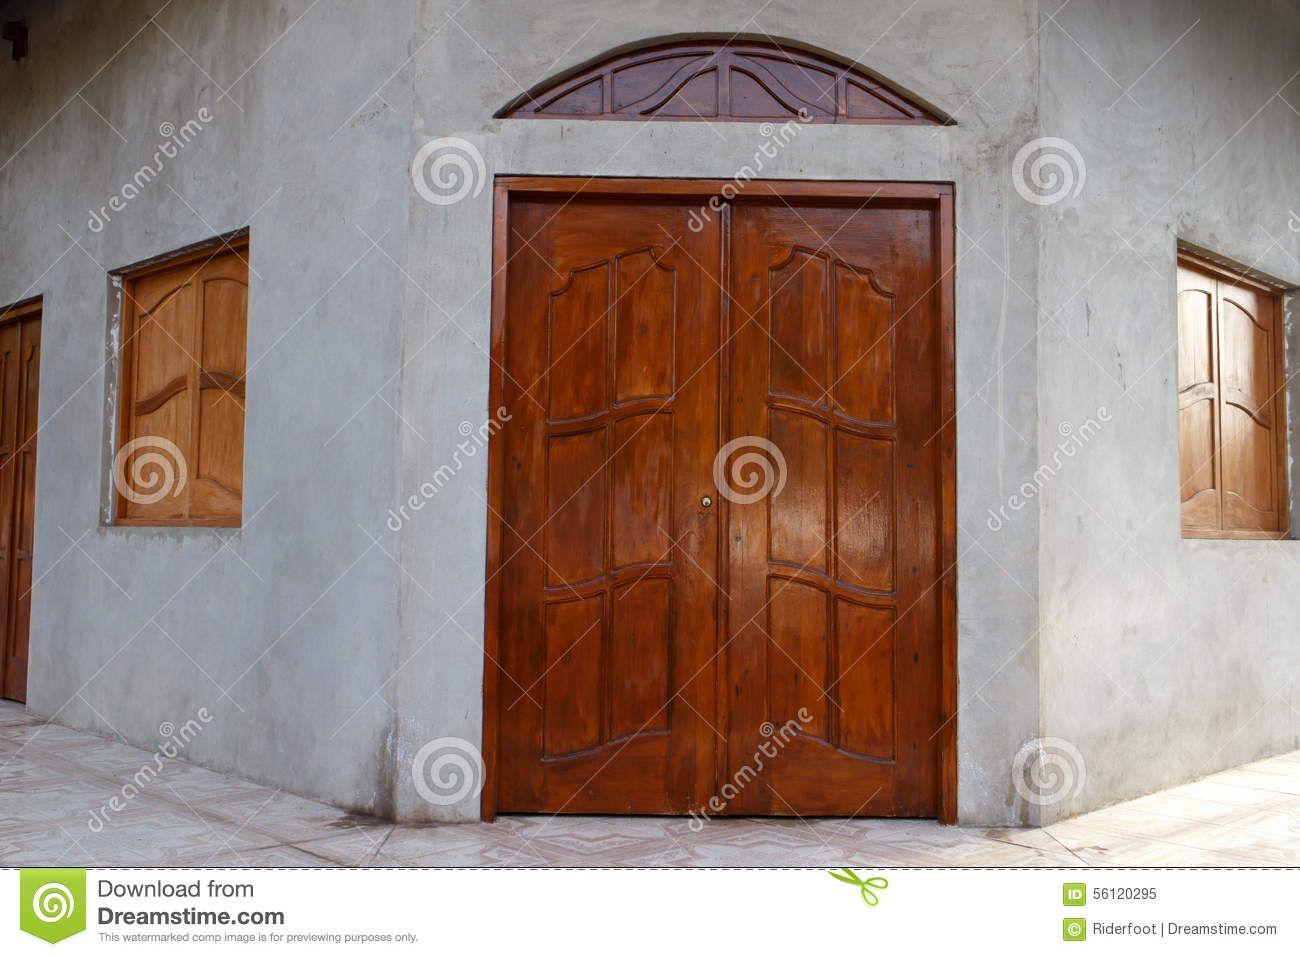 preços de portas e janelas de madeira - Pesquisa Google